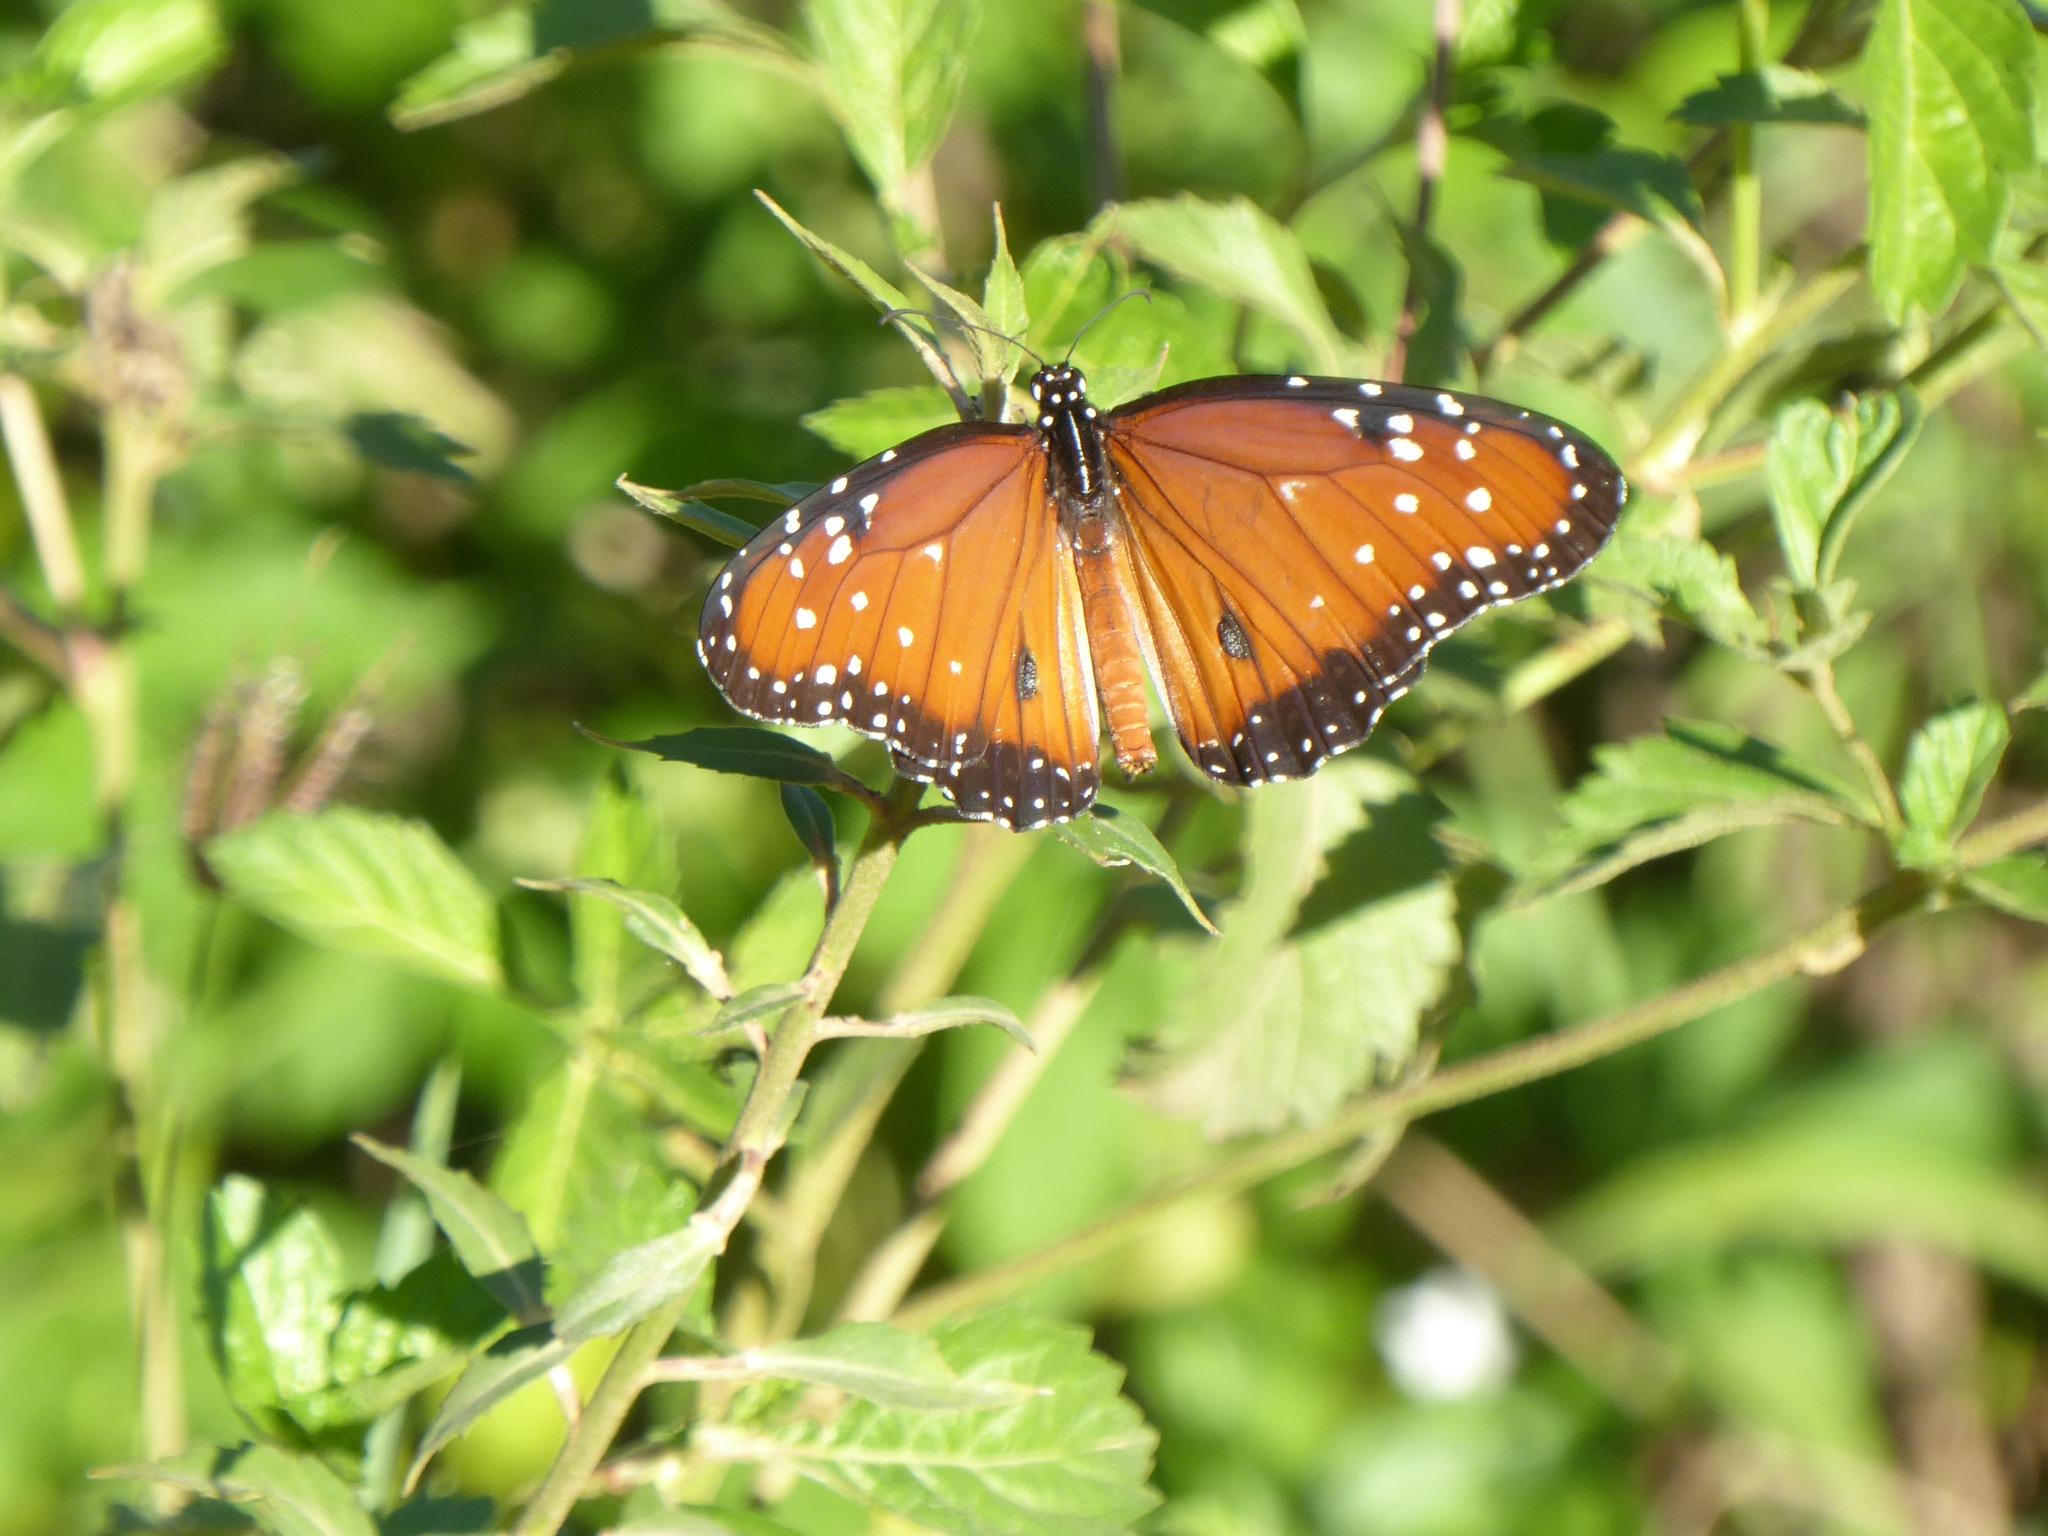 Brazilian butterfly by Norbert Reiss